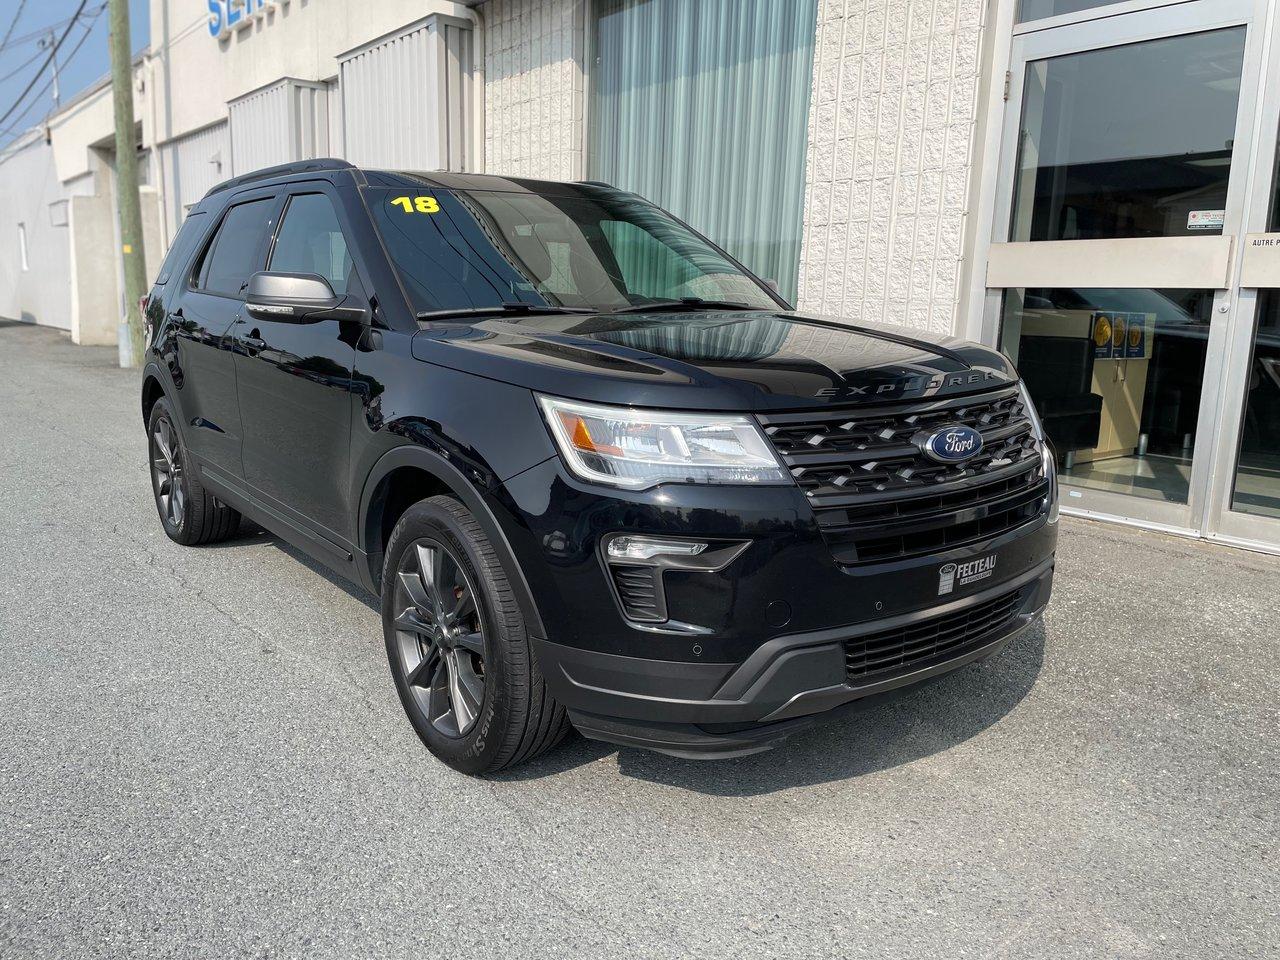 Ford Explorer 2018 XLT